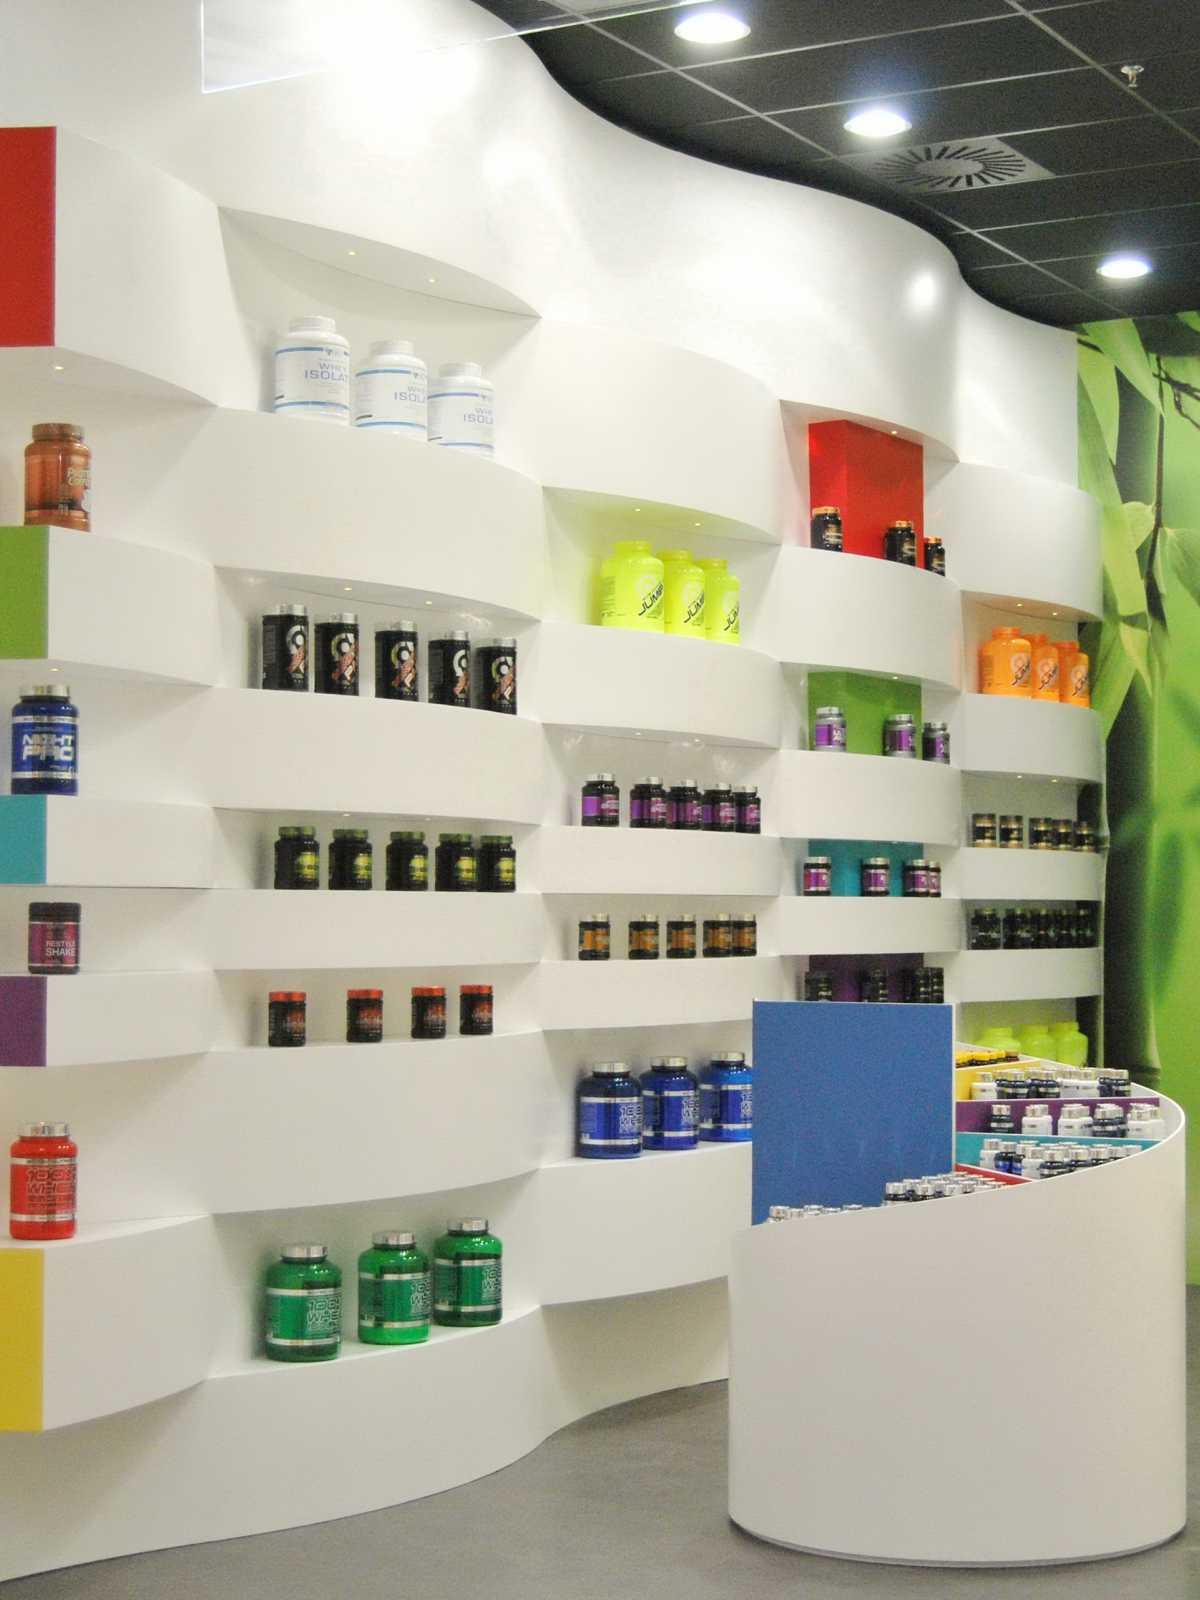 Diseño integral de local comercial para la marca de alimentación deportiva NaturSport. Una gran estantería ondulante cubre la pared de suelo a techo definiendo el espacio.